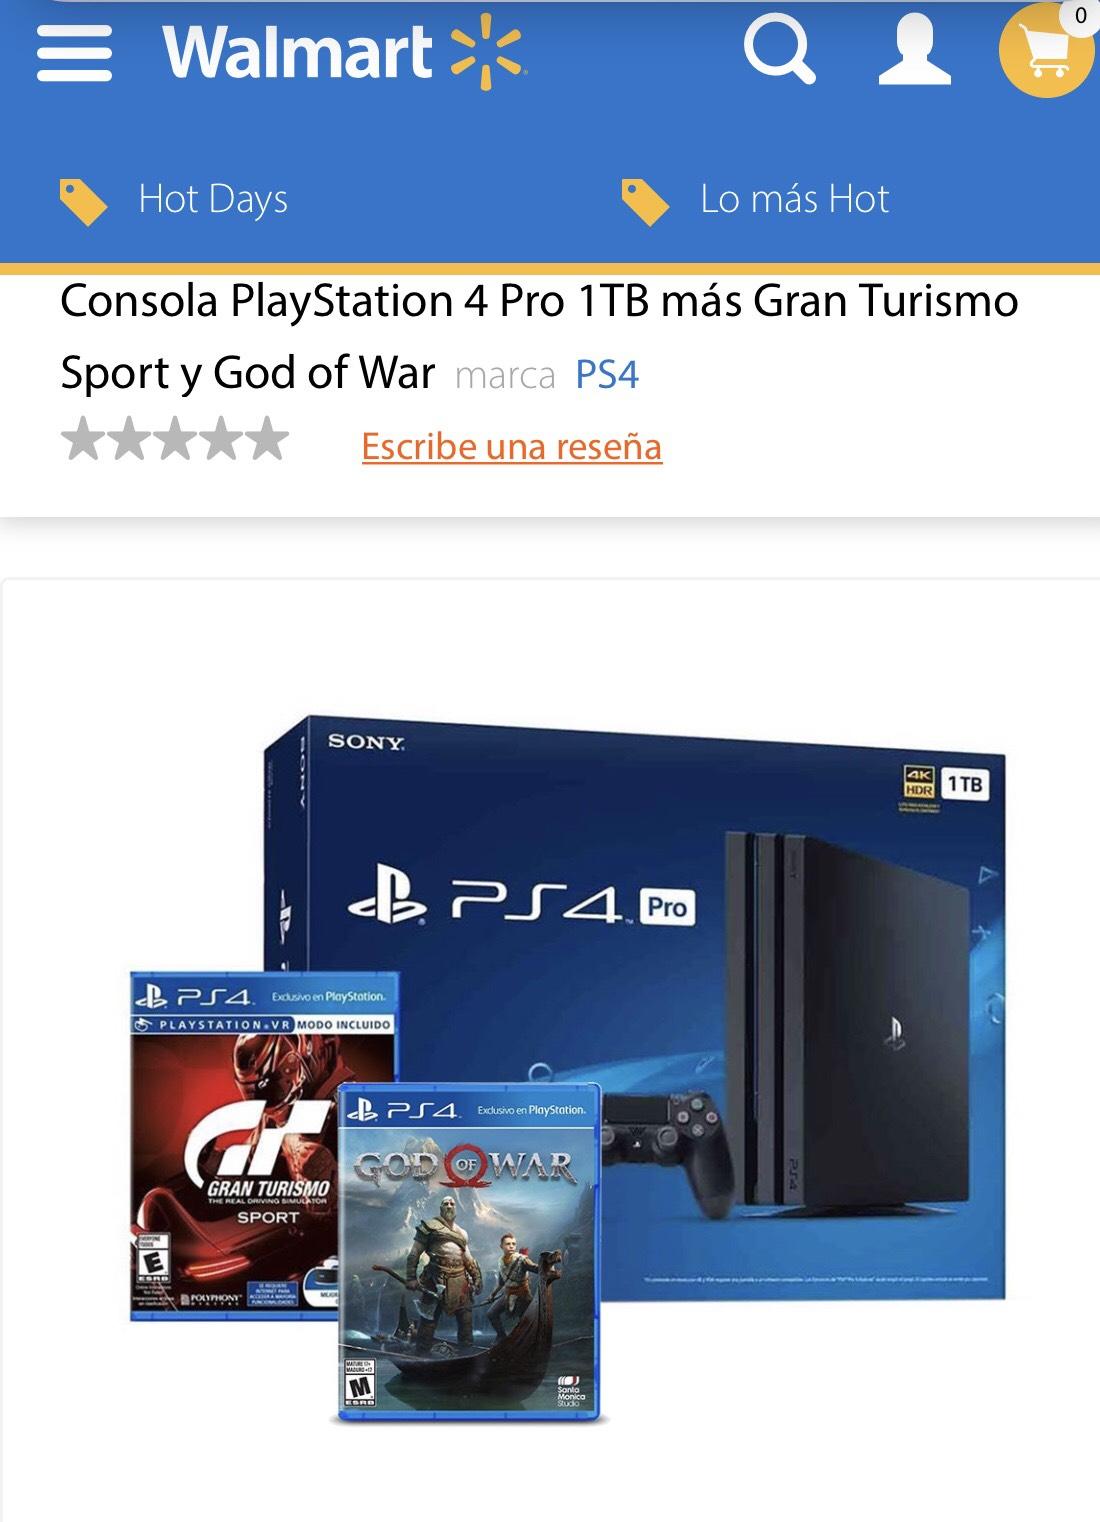 Hot Sale en Walmart: Consola PlayStation 4 Pro 1TB más Gran Turismo Sport y God of War con Bancomer o Banamex a 18 MSI